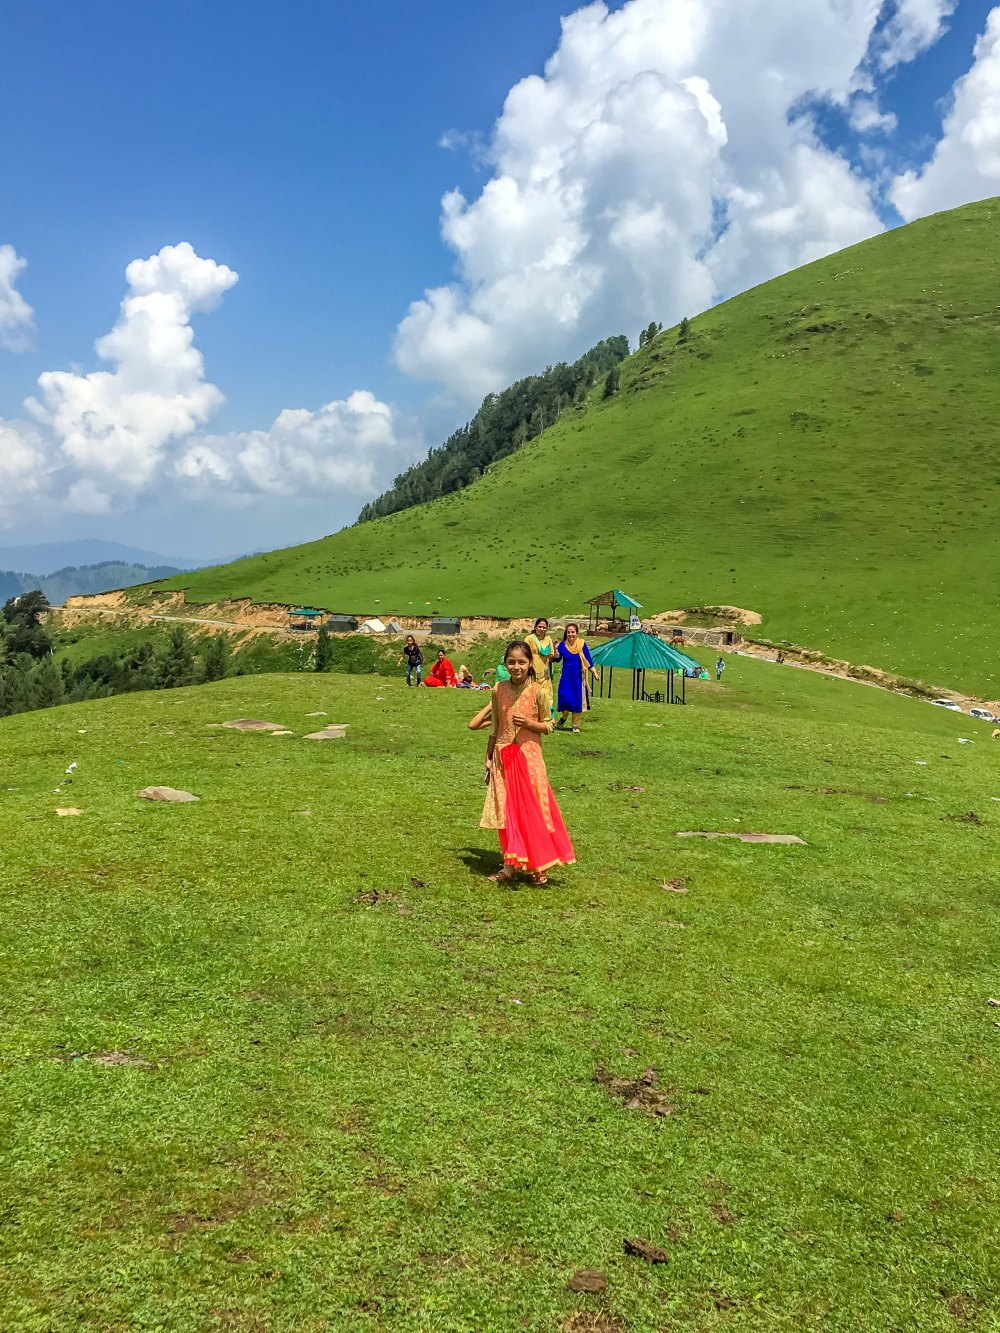 Chamba Bhaderwah Road